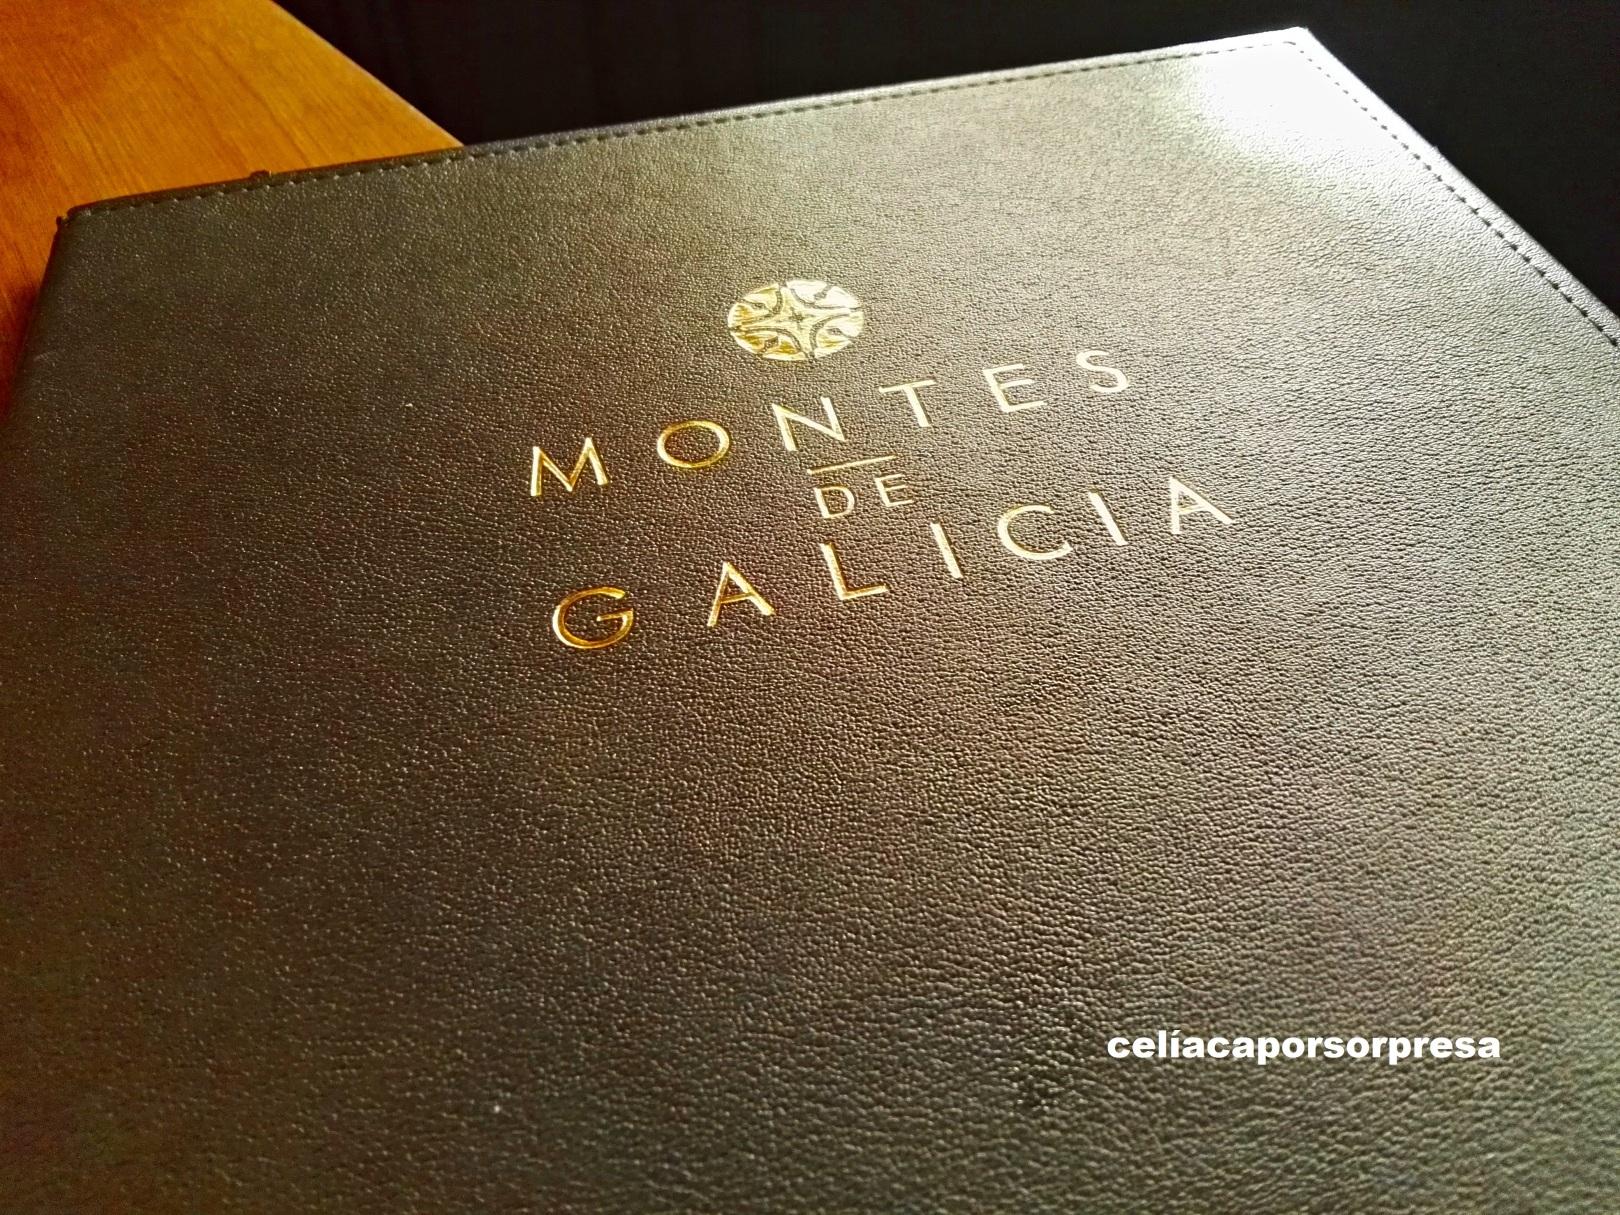 los-montes-de-galicia-carta